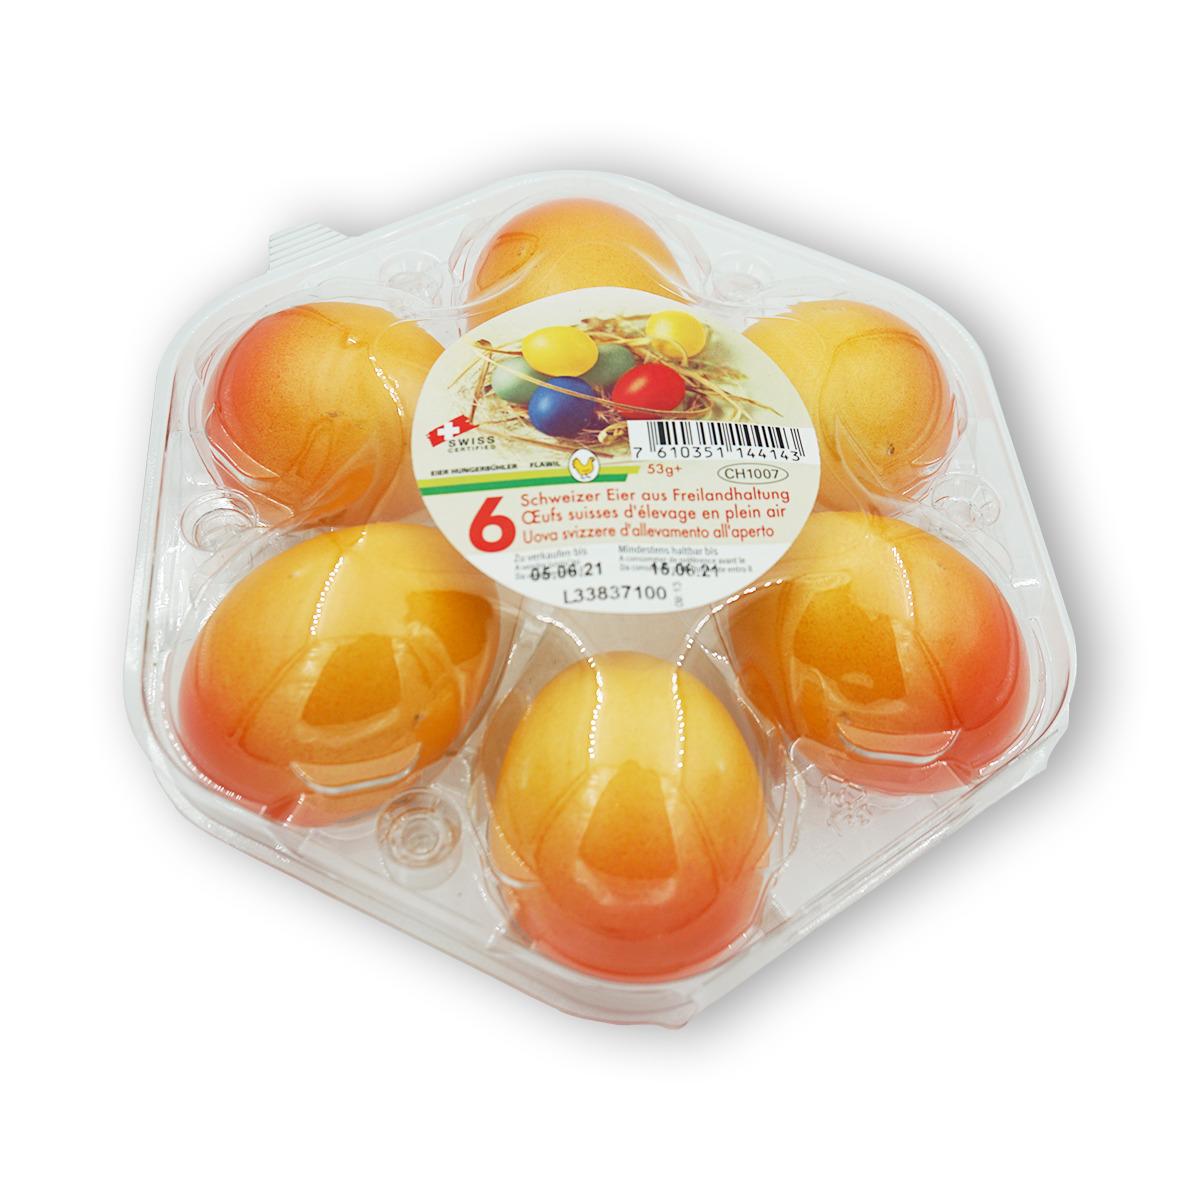 6 Schweizer Eier aus Freilandhaltung